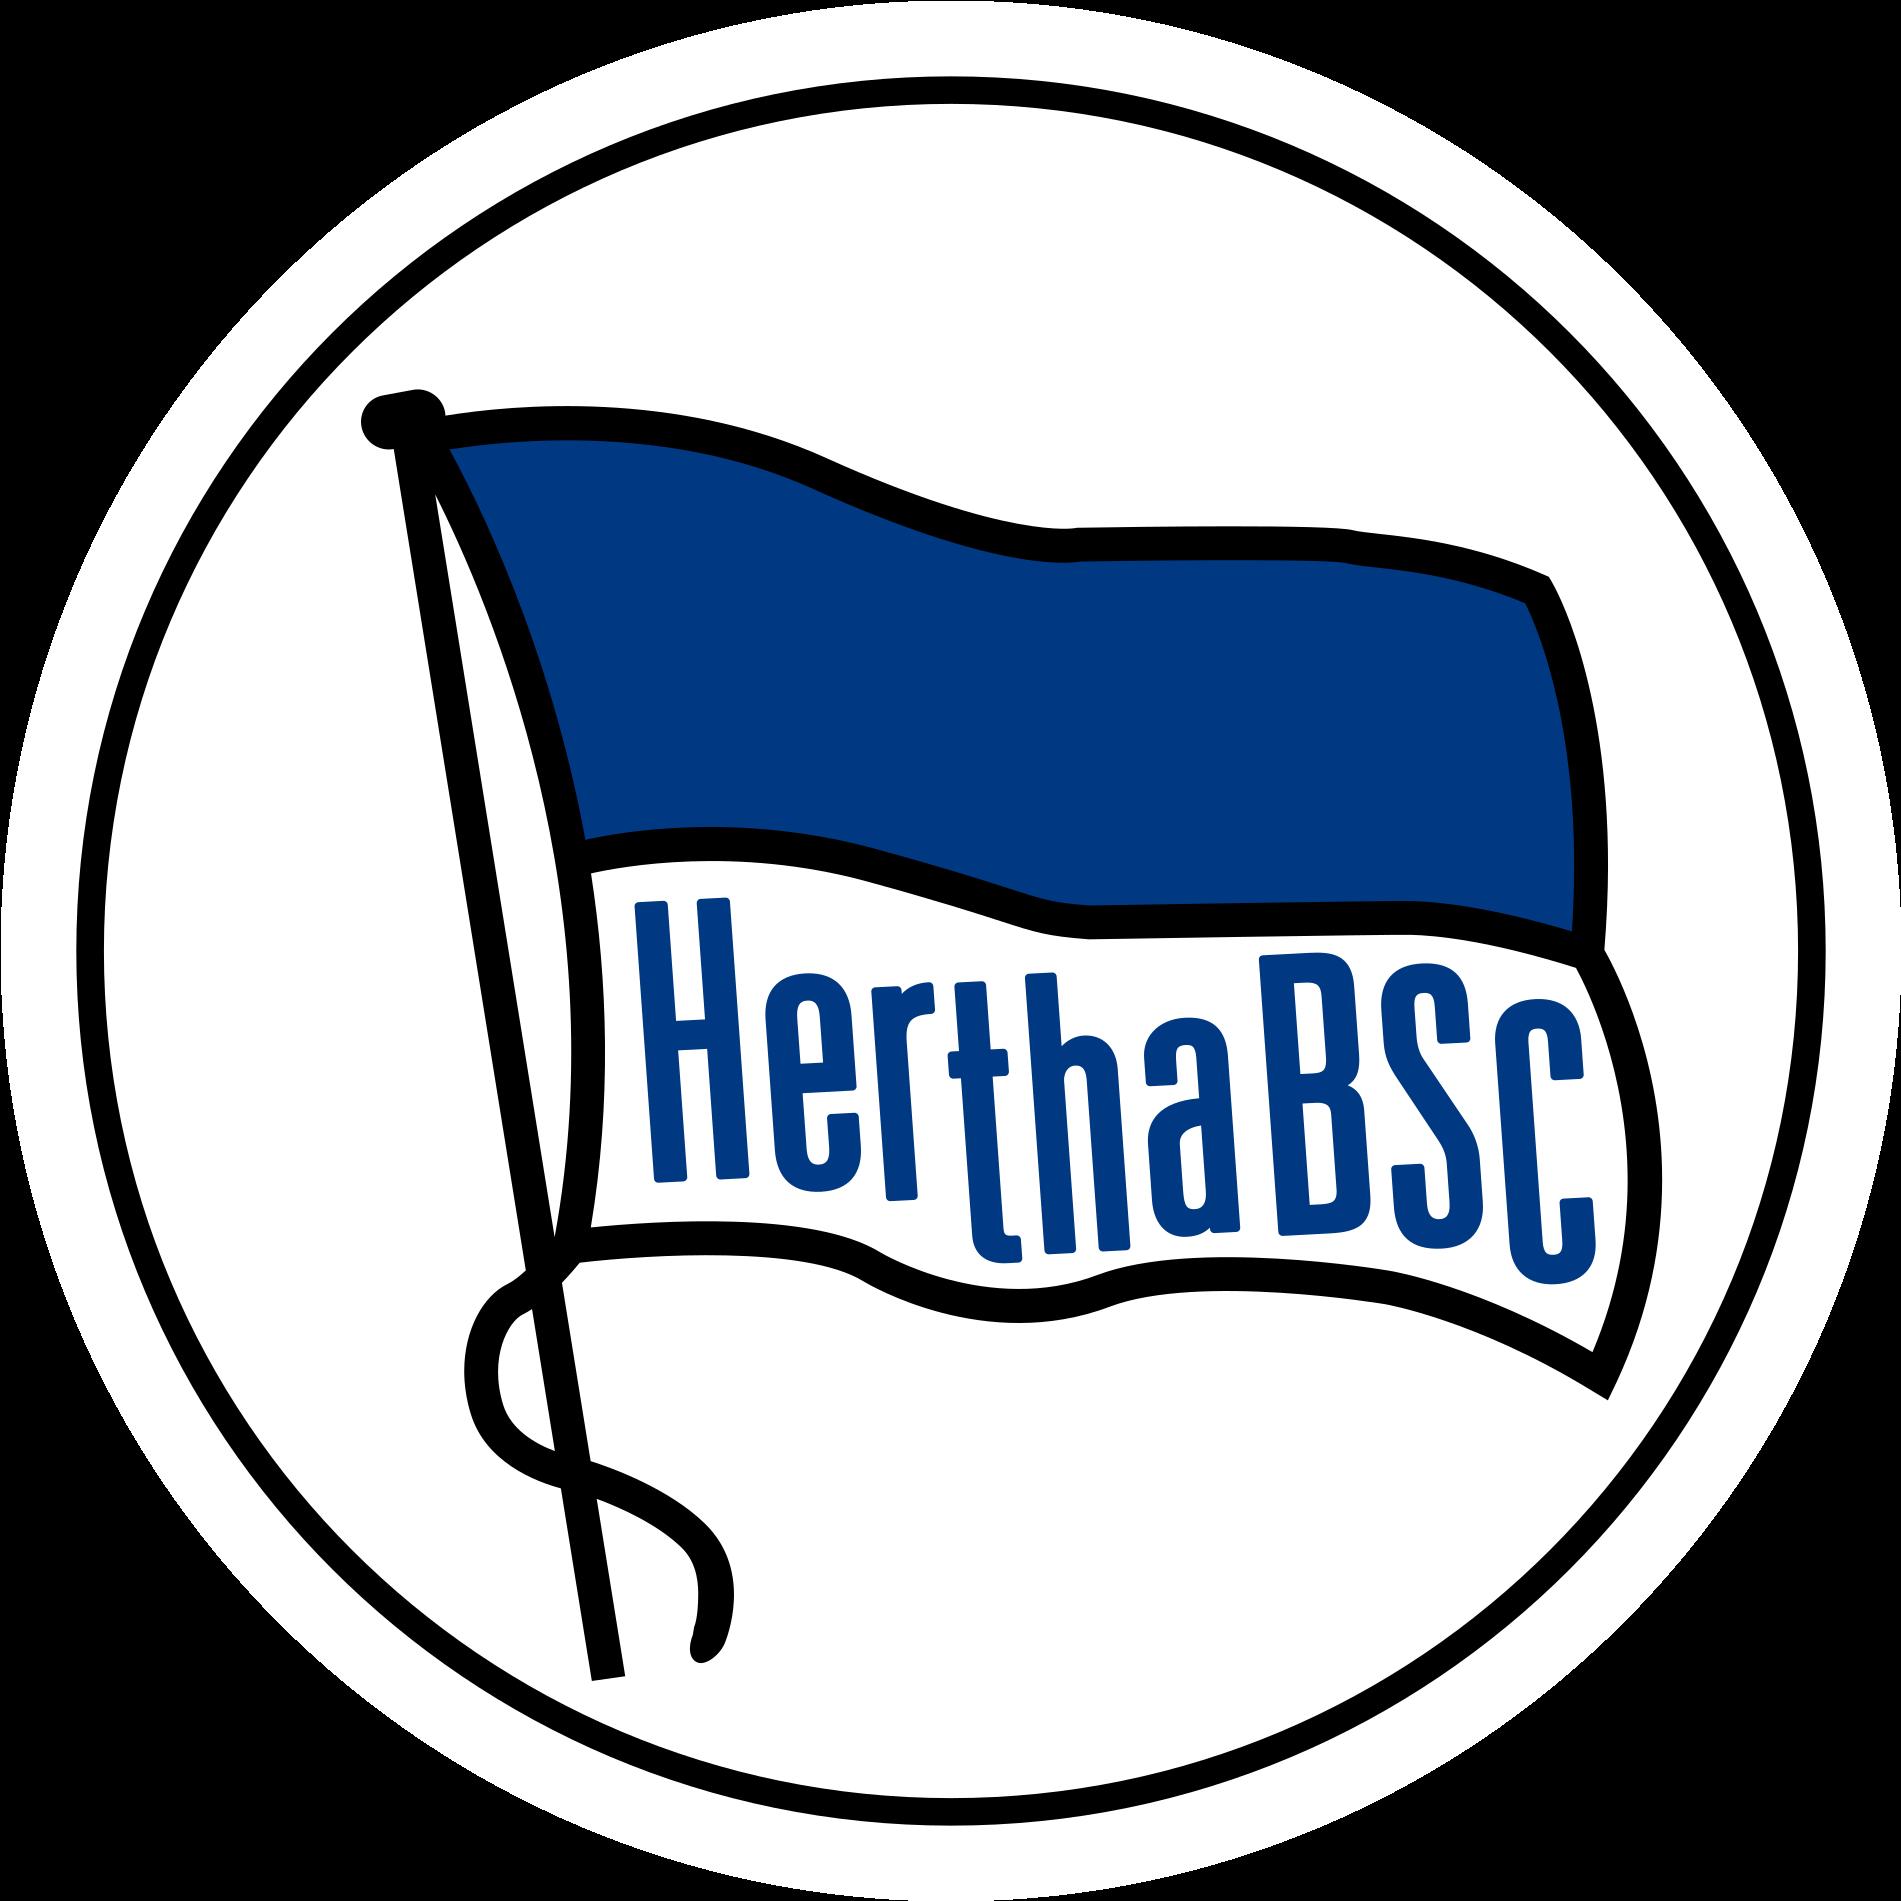 Hertha Bsc Logo Bis.